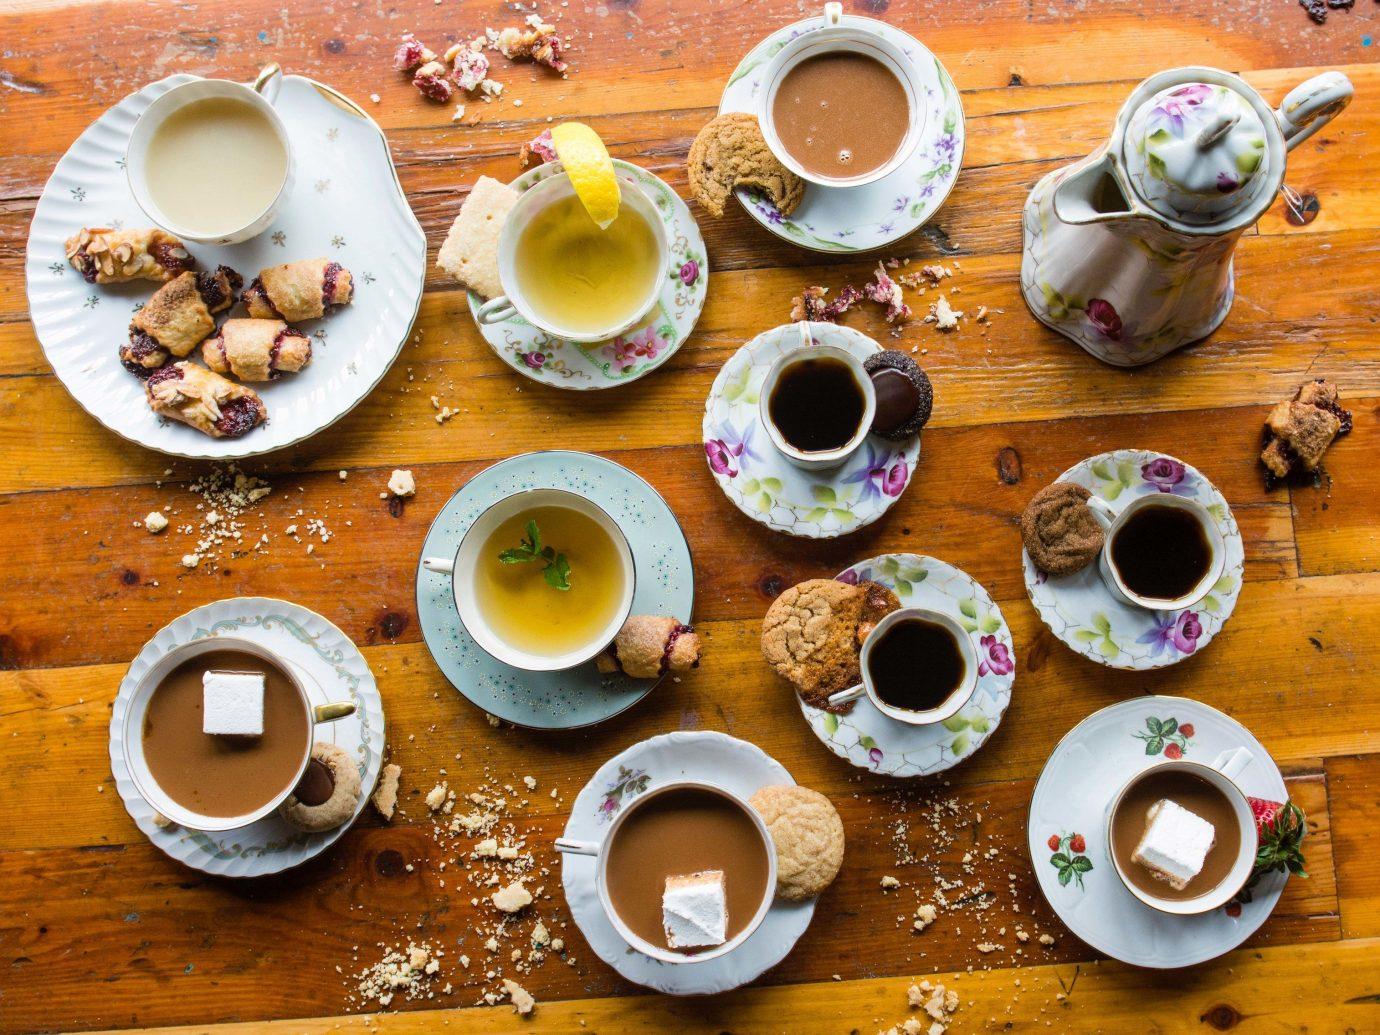 Arts + Culture Food + Drink Hotels Weekend Getaways coffee cup plate coffee cup tableware brunch breakfast tea meal food variety